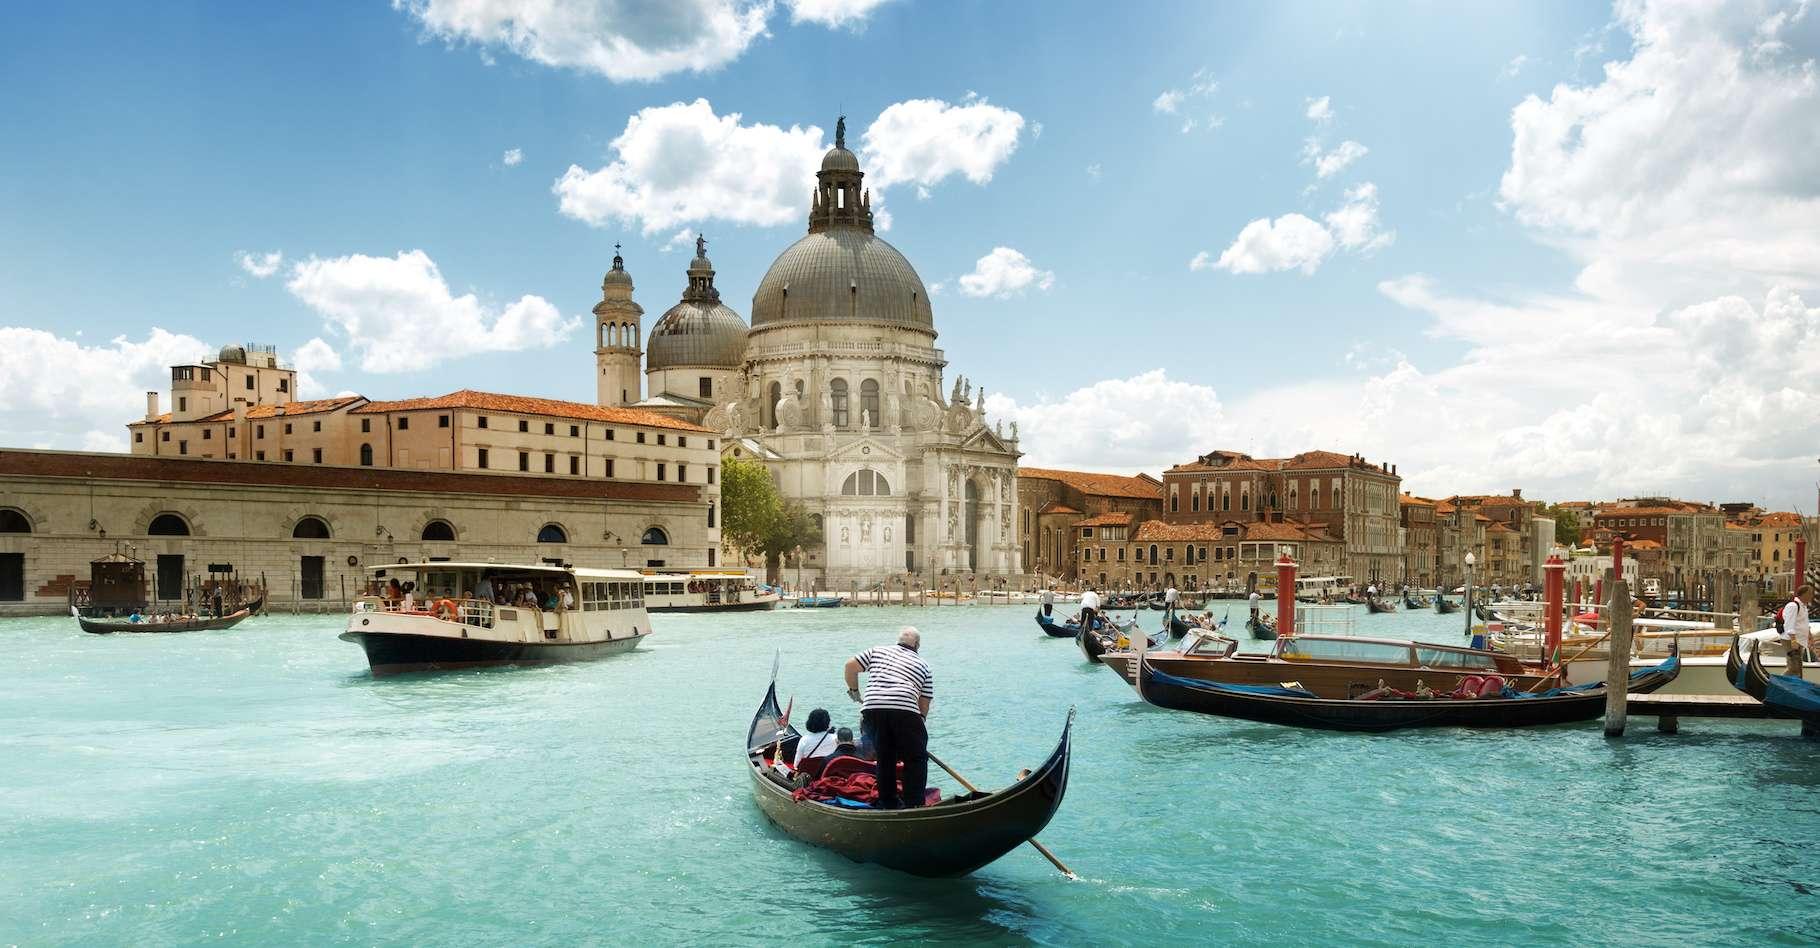 La plus haute marée jamais enregistrée à Venise a atteint 1,94 mètre le 4 novembre 1966. © Iakov Kalinin